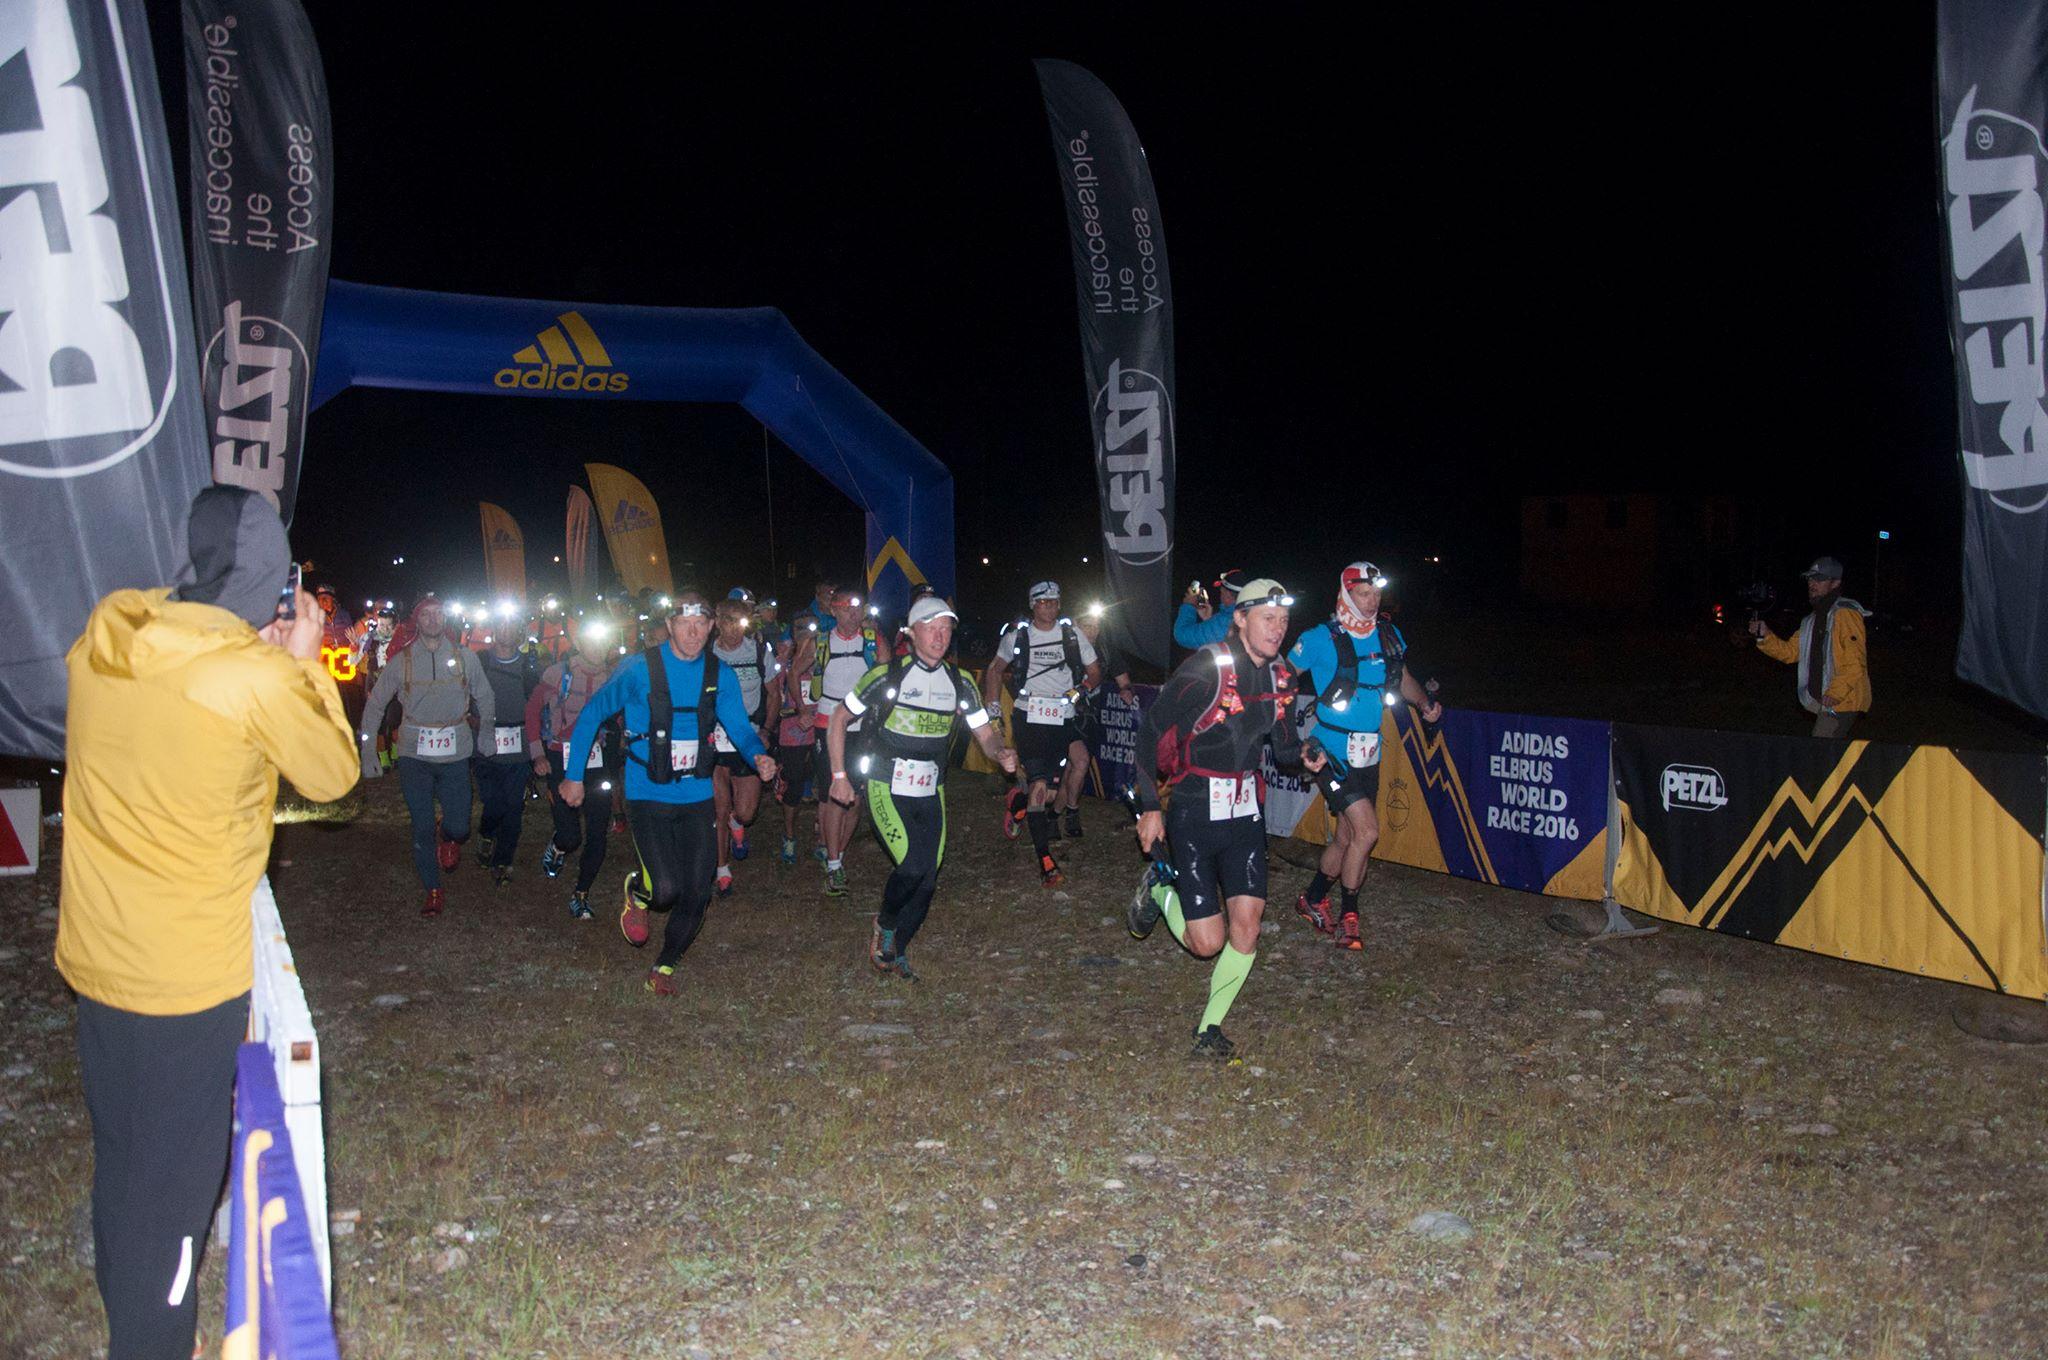 Пробежать 59 км по горам, победить и не сдохнуть. Отчет о гонке Adidas Elbrus World Race